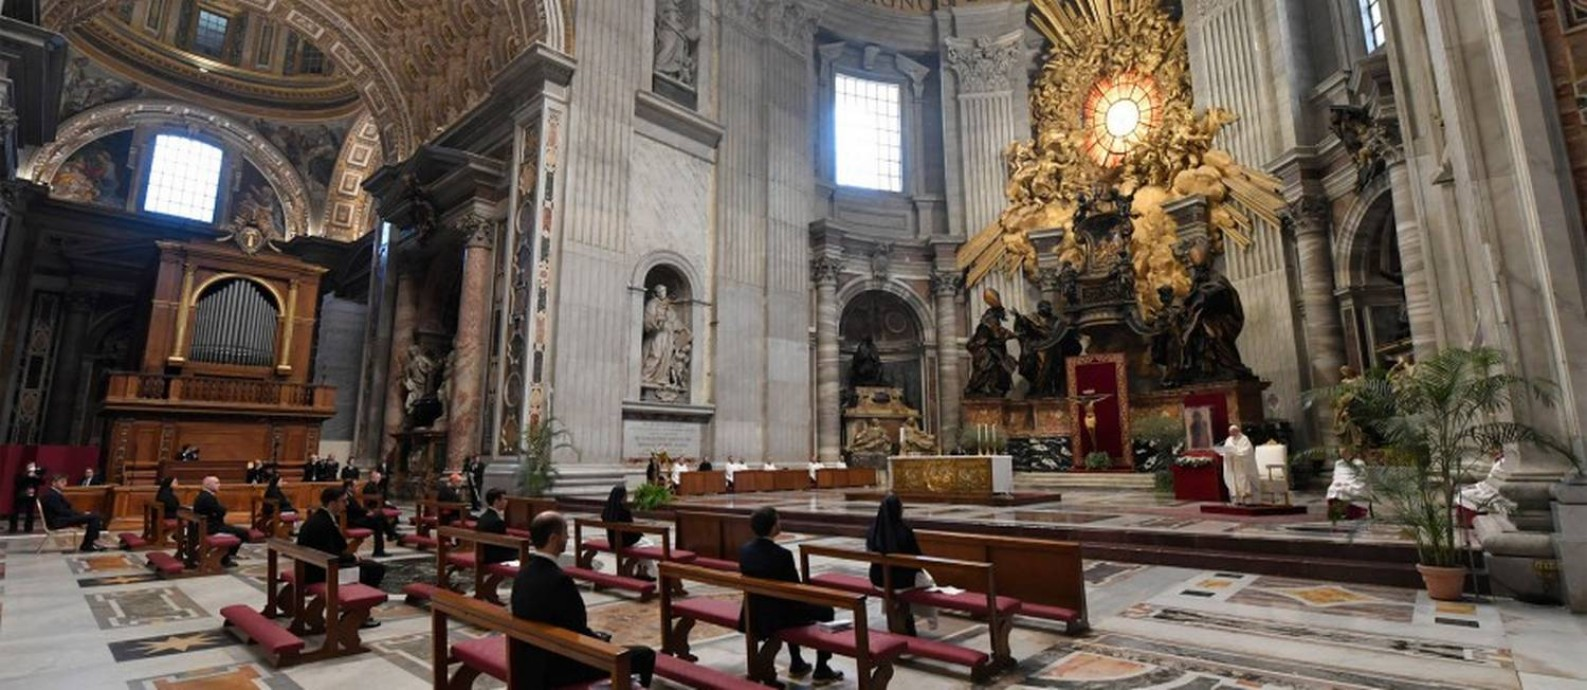 O Papa Francisco celebra a missa da Quinta-feira Santa na Basílica de São Pedro Foto: HANDOUT / AFP